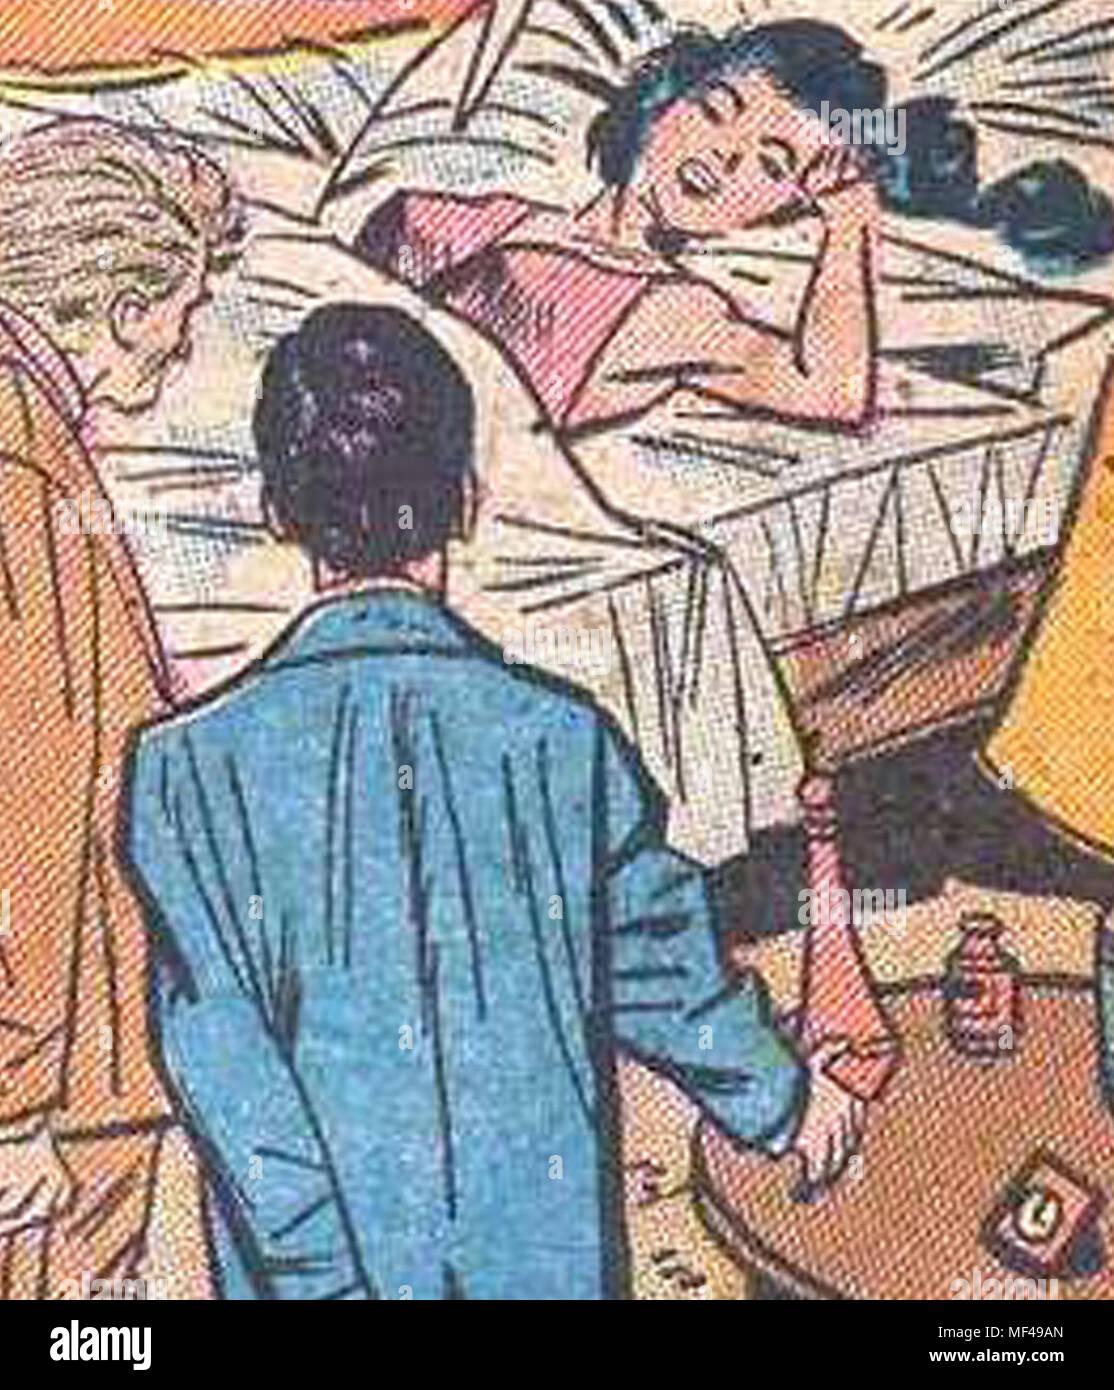 Classic vintage bande dessinée sur le thème de l'horreur des images clipart cool avec les bulles de pâte à partir de l'image authentique 1940 comic books âge d'or plus de 3000 plus à choisir Photo Stock